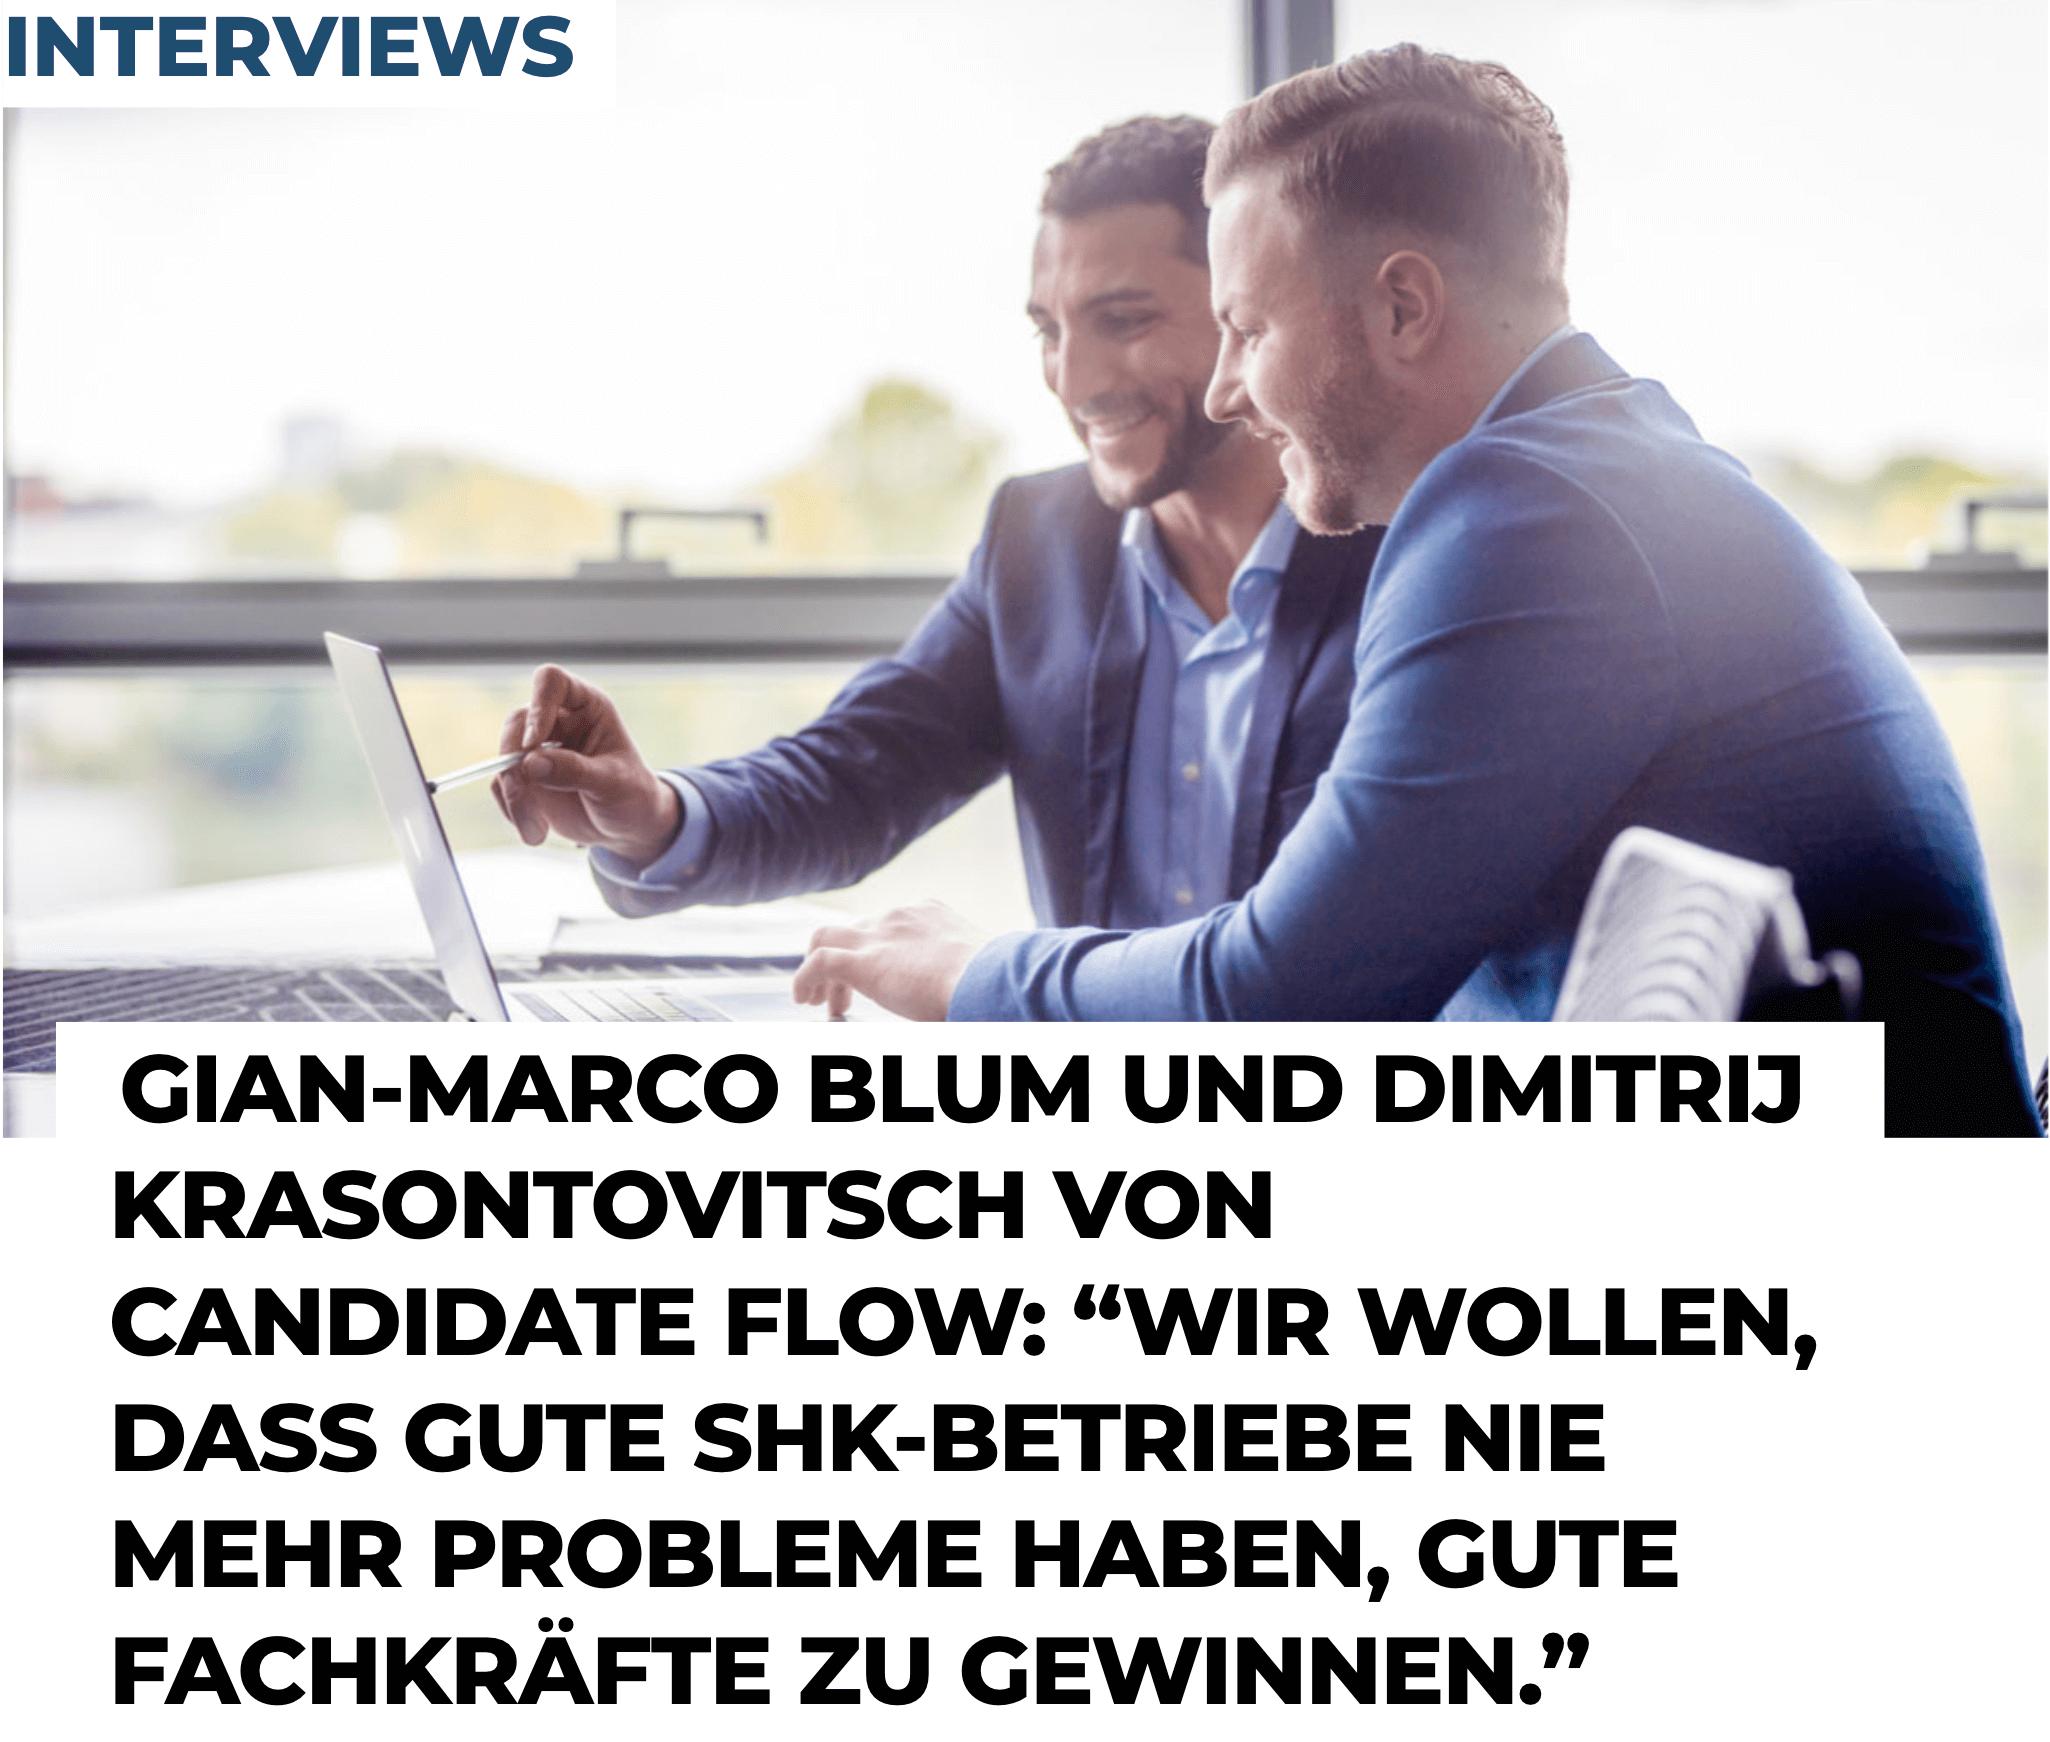 Unternehmerjournal Candidate Flow GmbH